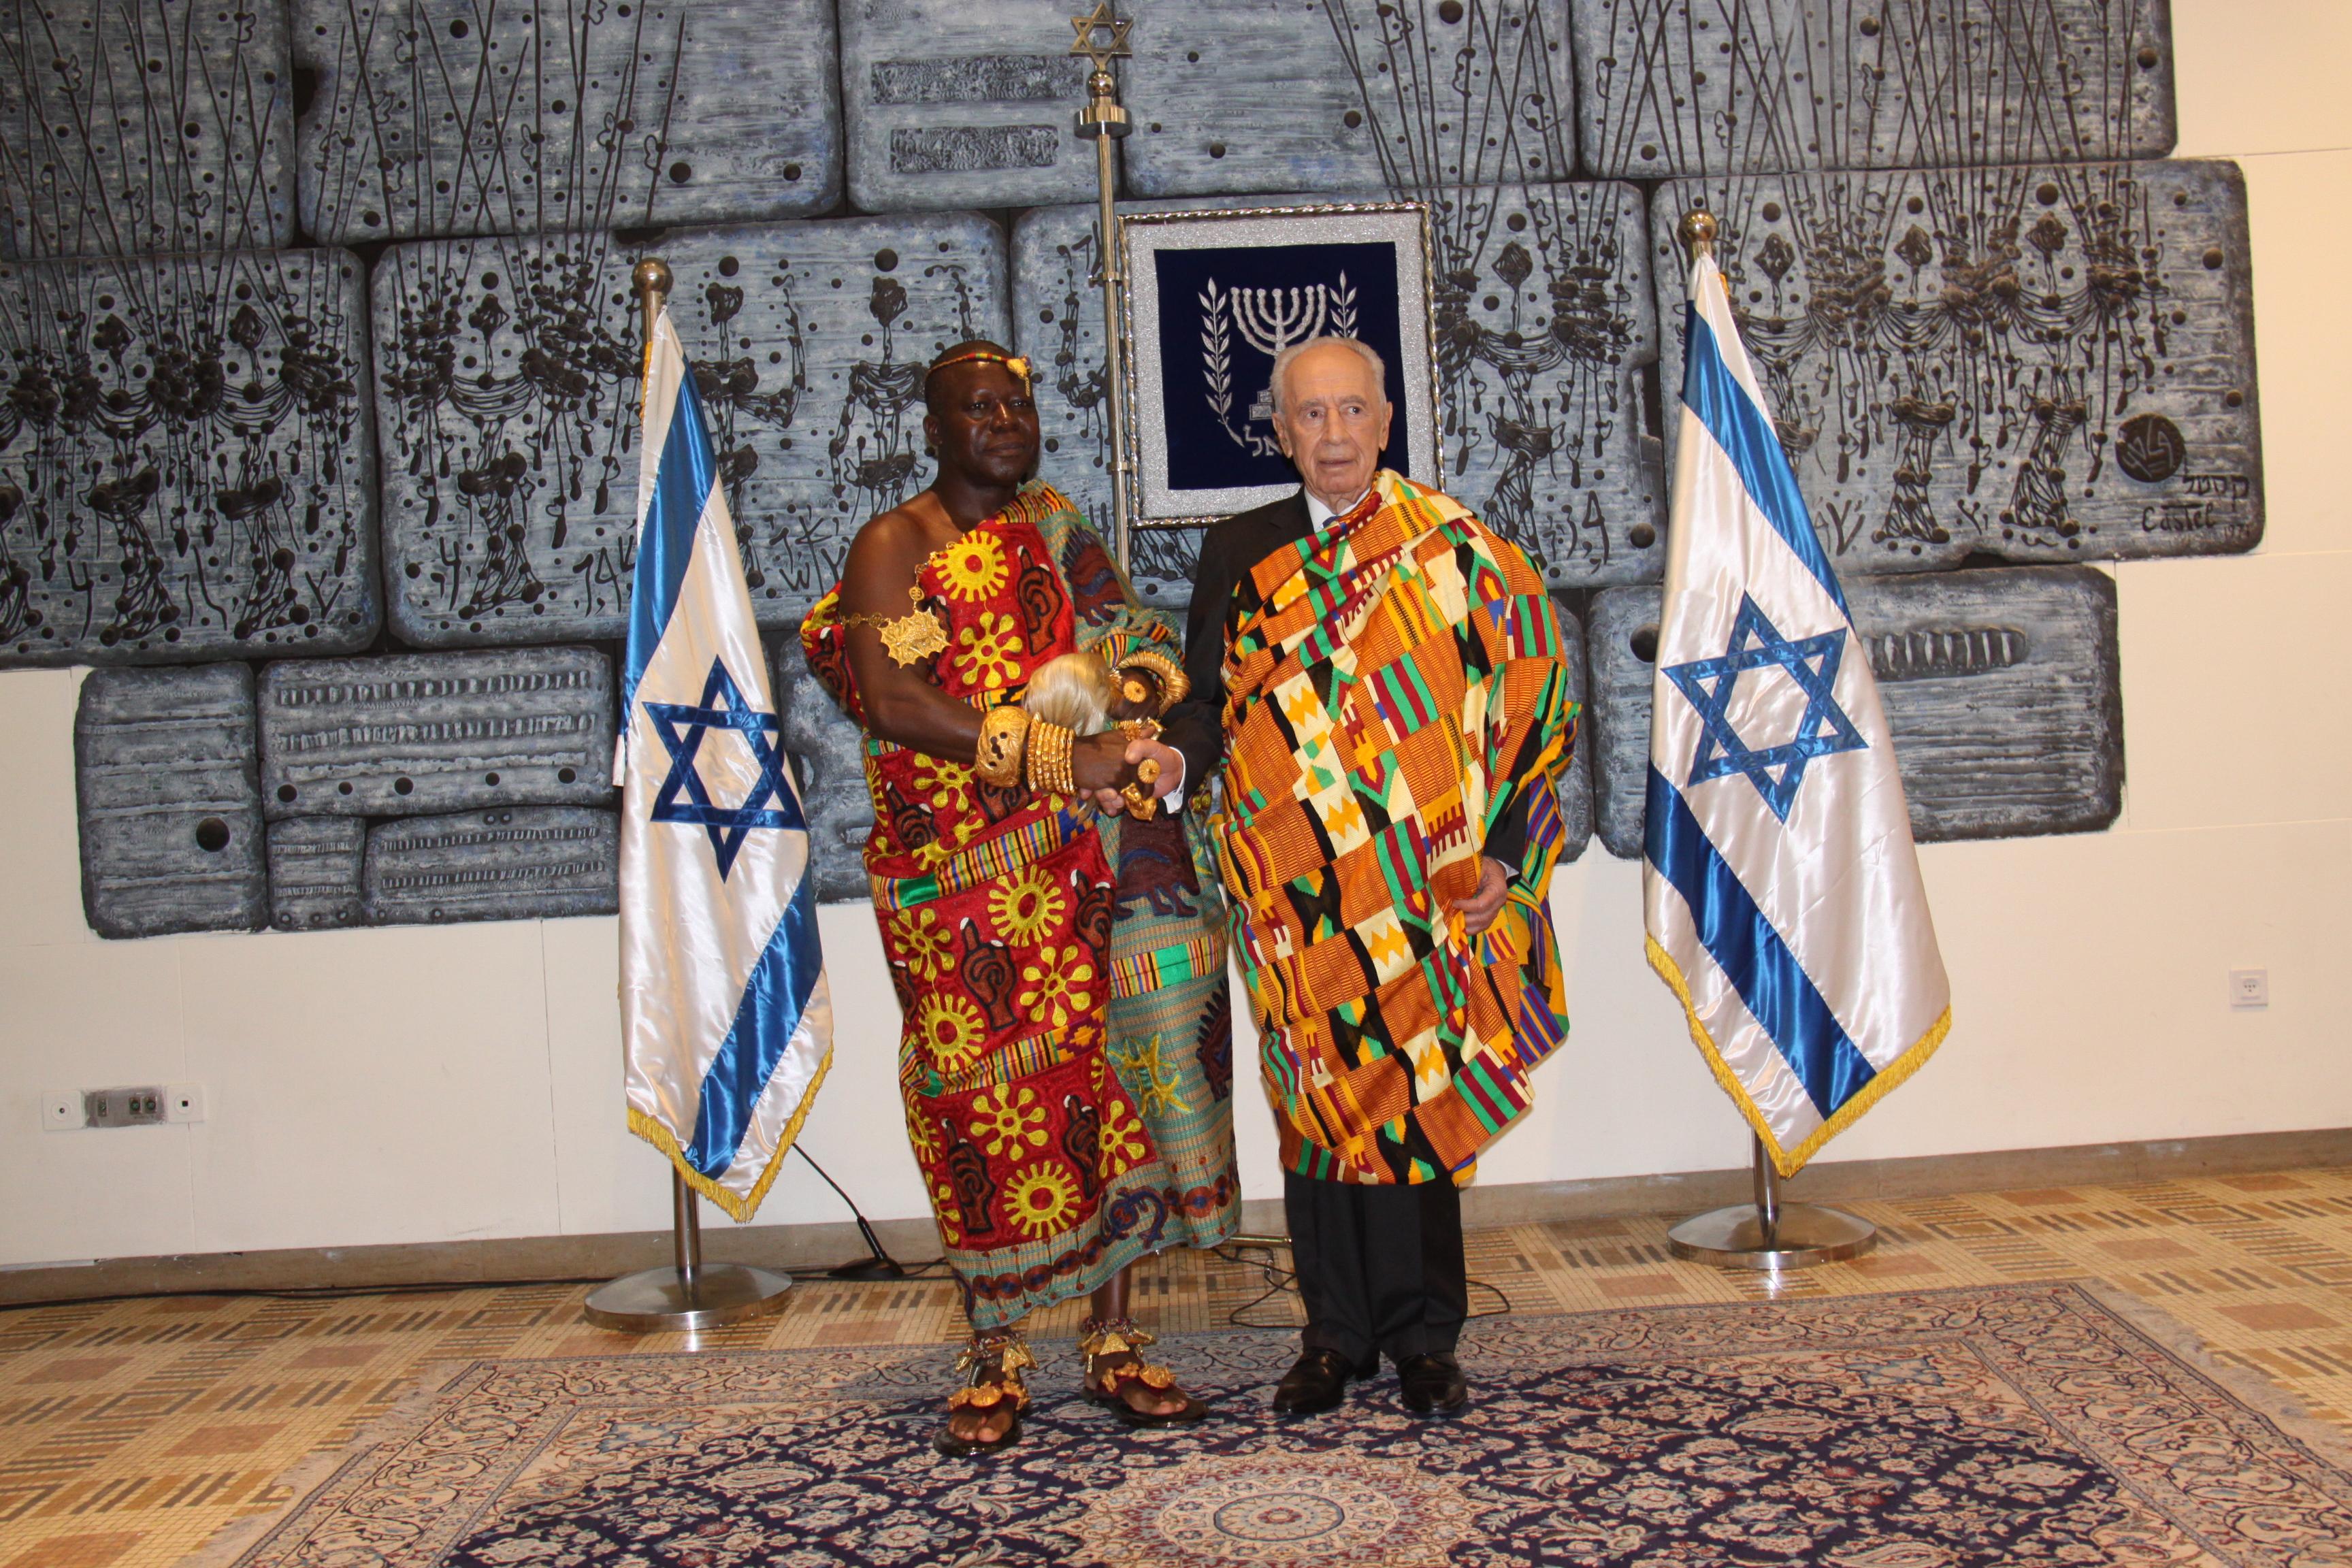 """מלך ונשיא בגלימות מלך - סמל למזל ושגשוג. (צילום: עמוס בן גרשום/לע""""מ)"""